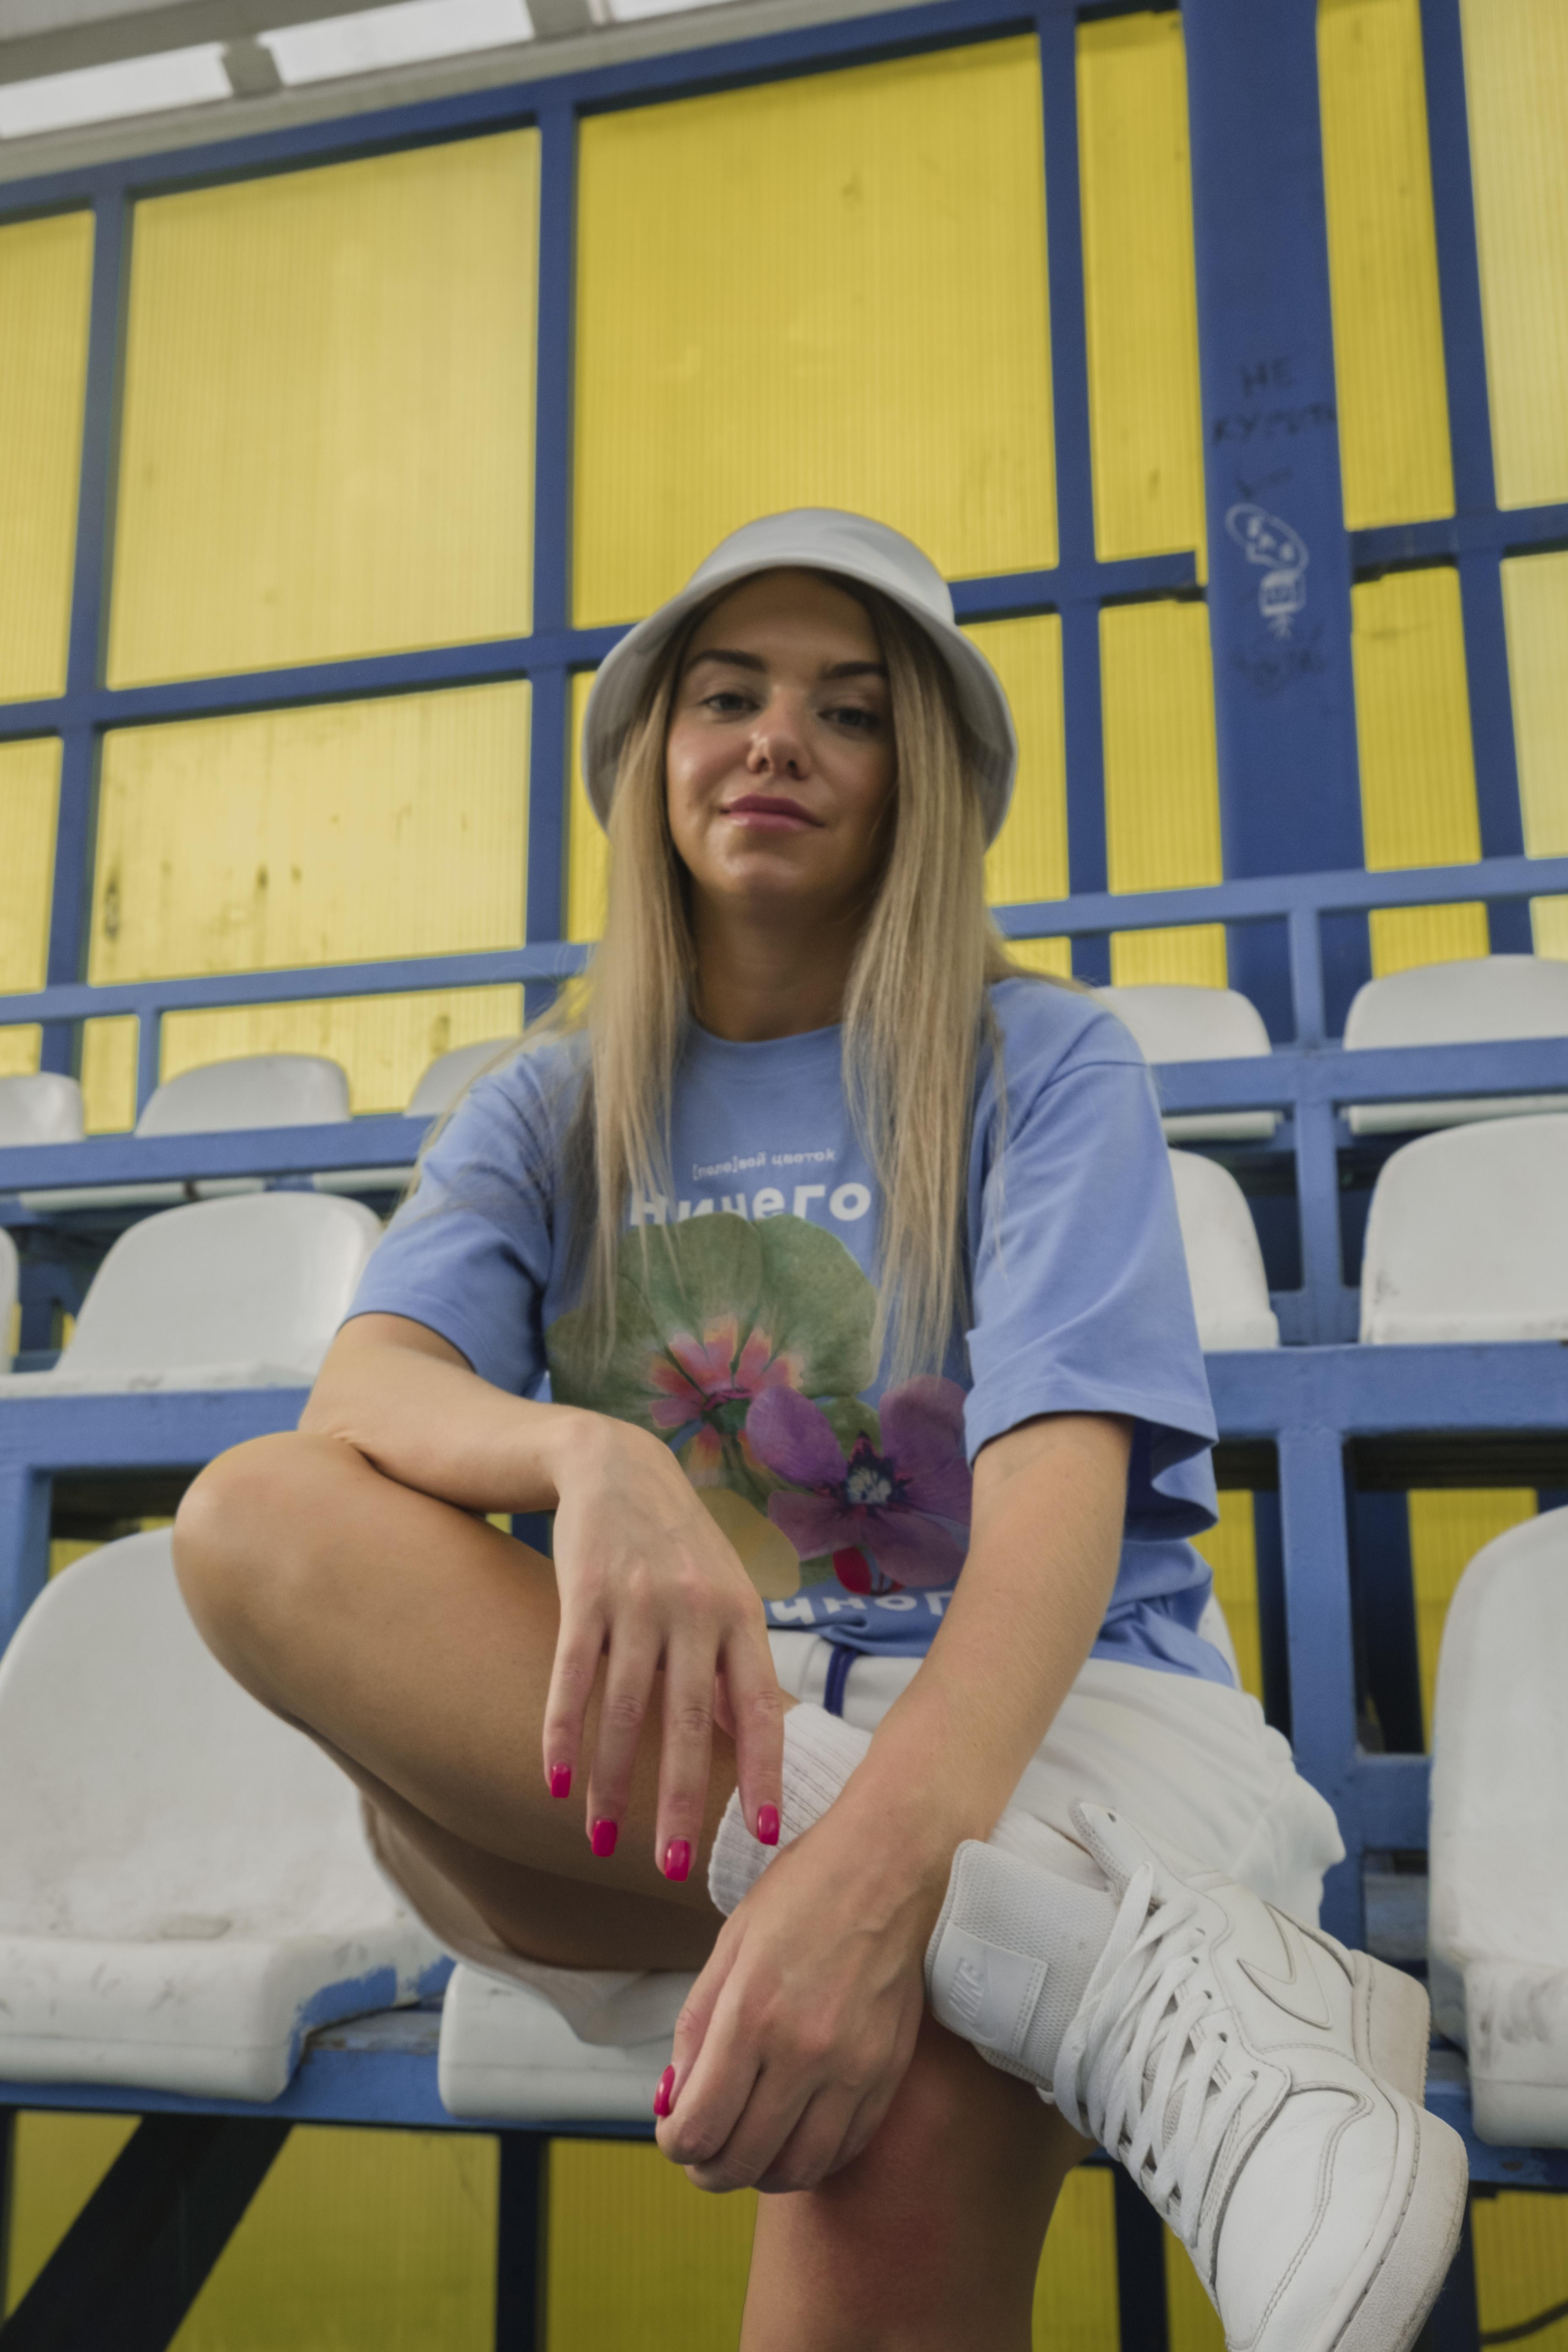 «Мужчины не видят той красоты, которую могут подарить девчонки». Что значит быть футболисткой в современном мире?